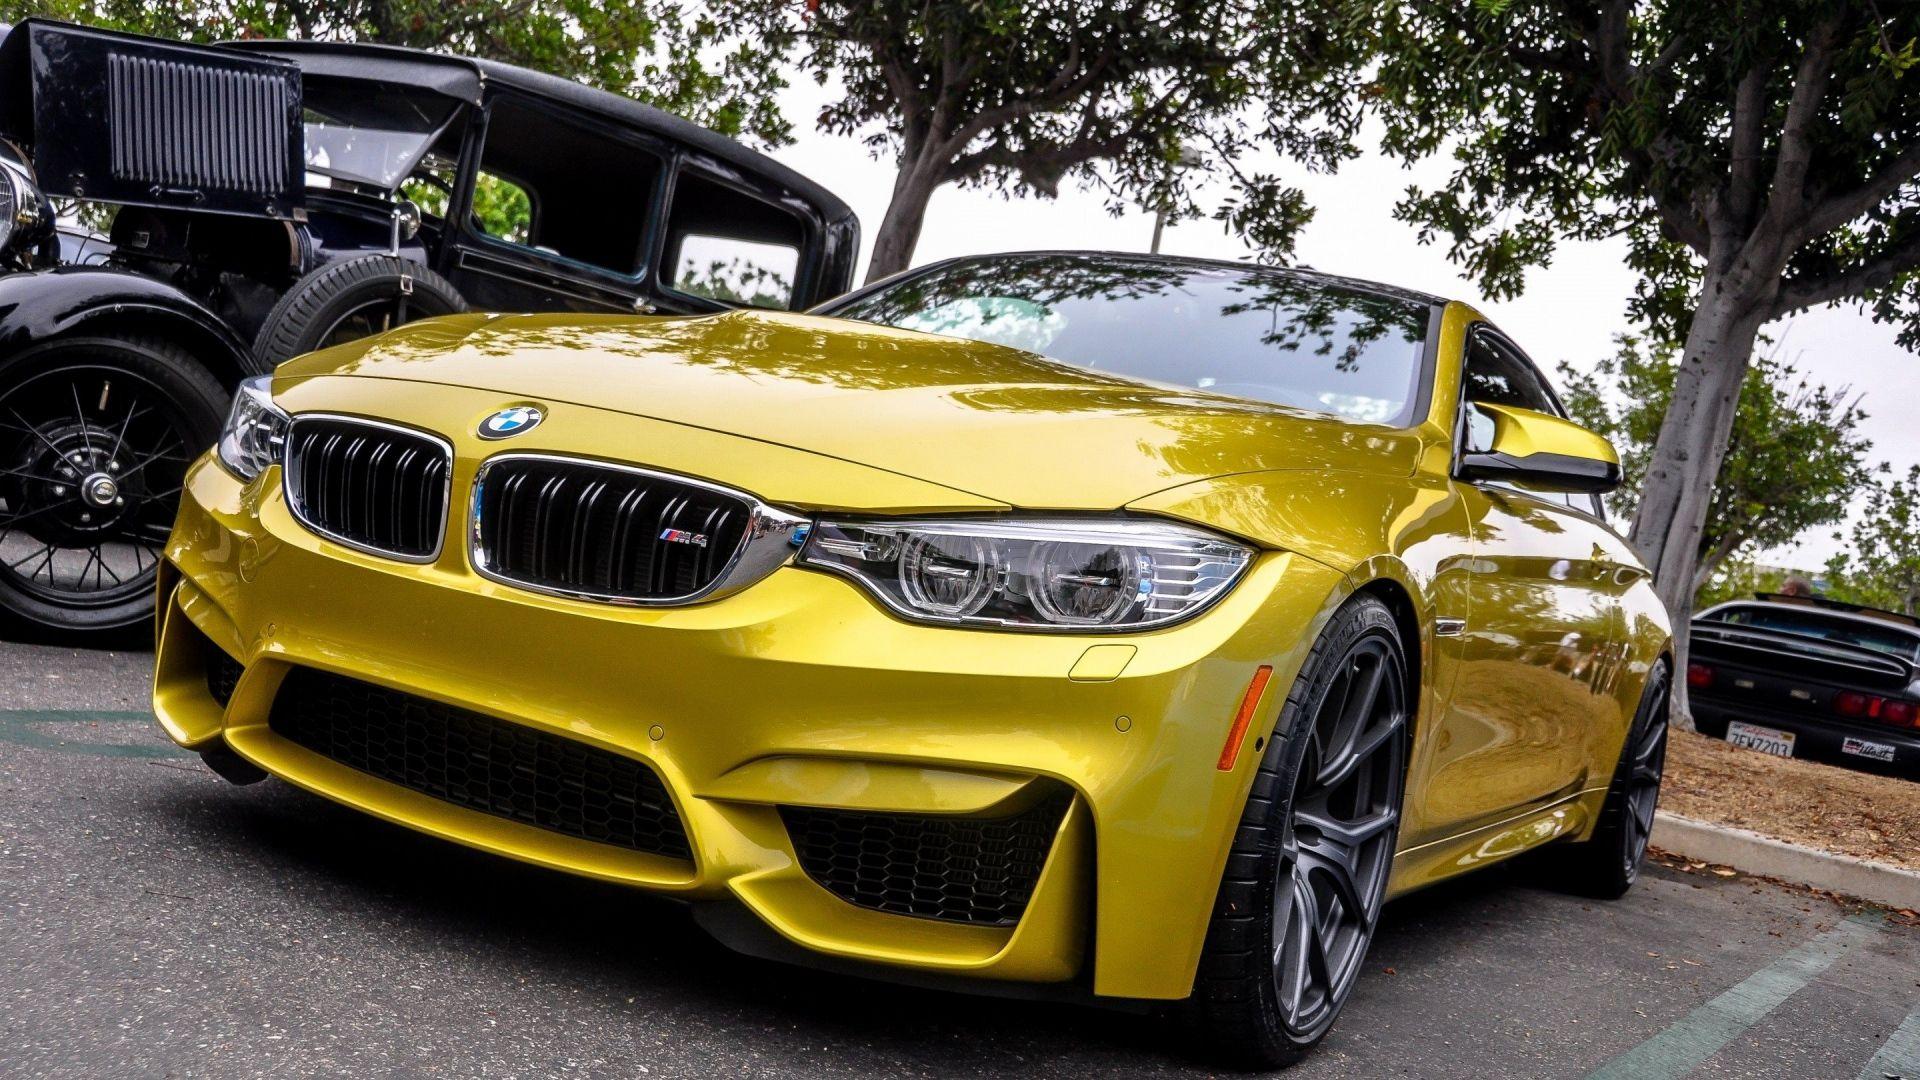 BMW M4 F82 Wallpaper tapety Pinterest BMW, Bmw m4